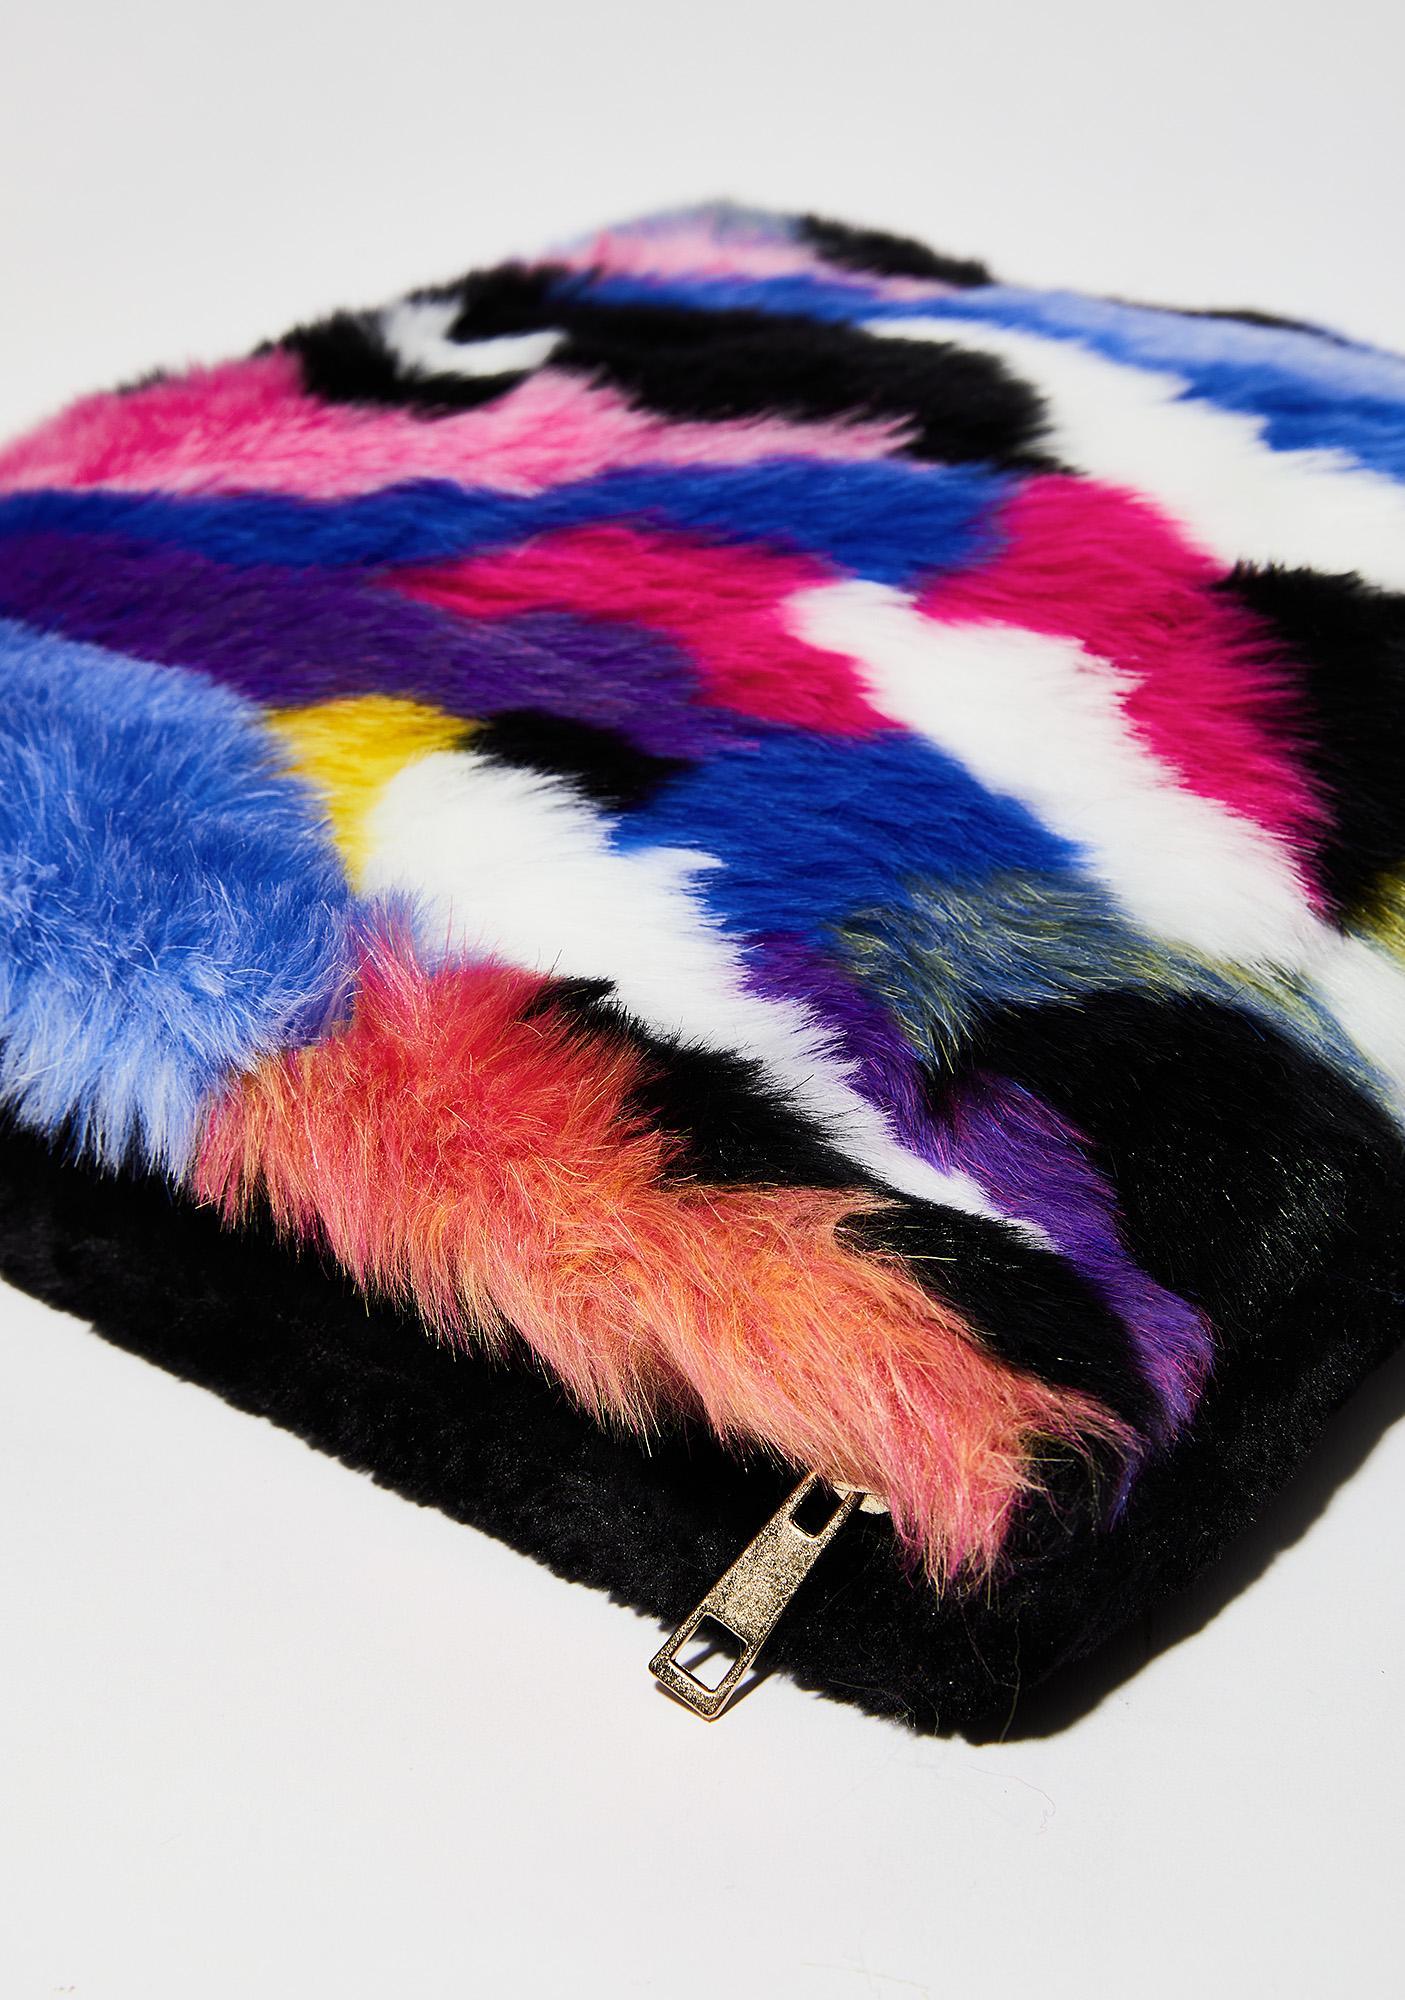 Prizm Pet Peeve Furry Purse